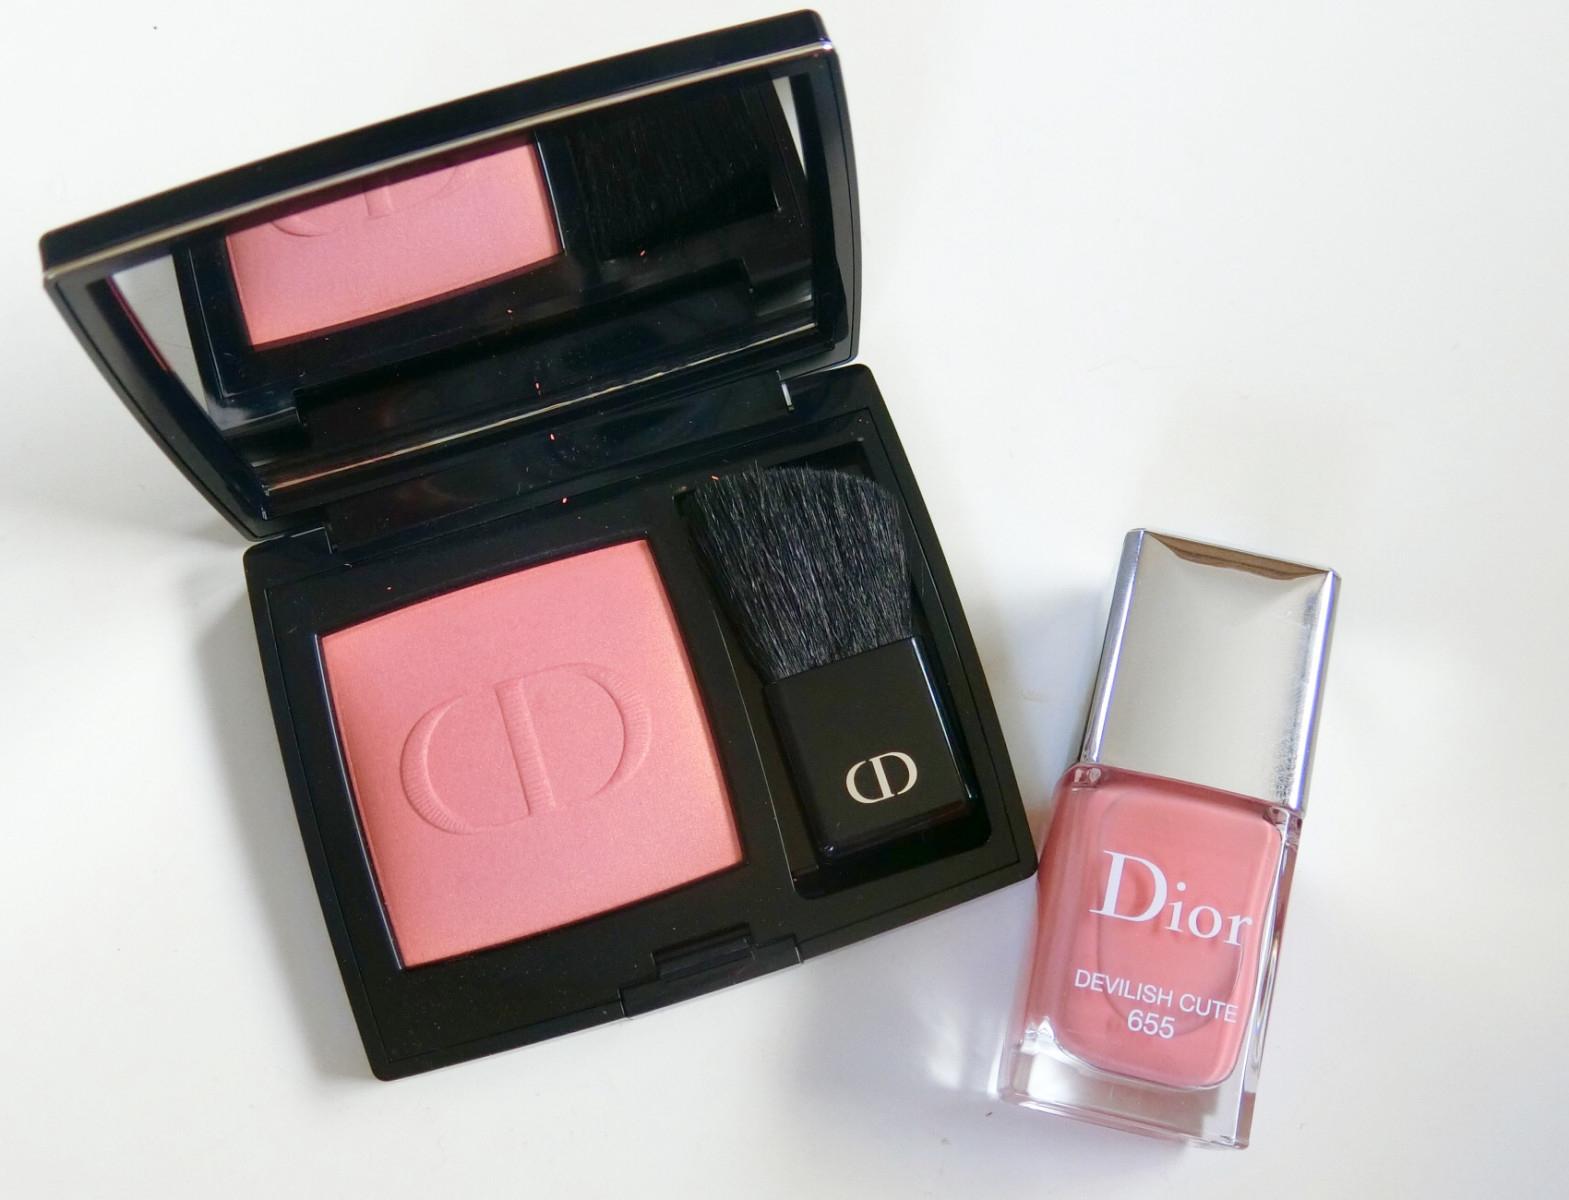 【8月3日発売Diorの新作】リニューアルされたチークと限定色のネイル!